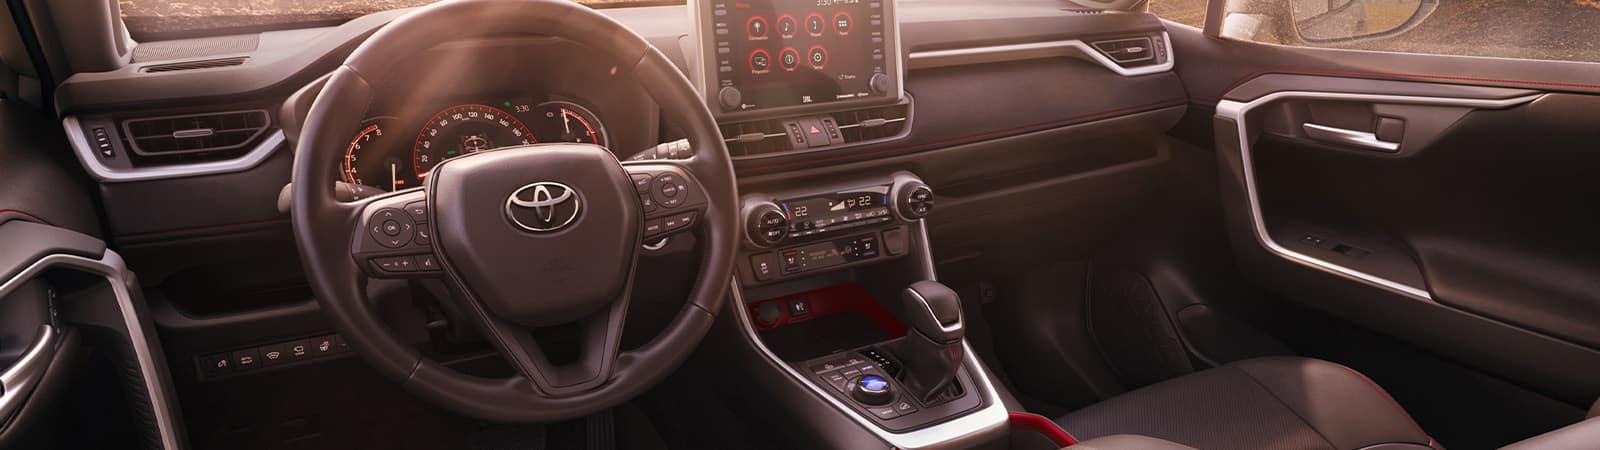 toyota-rav4-interior